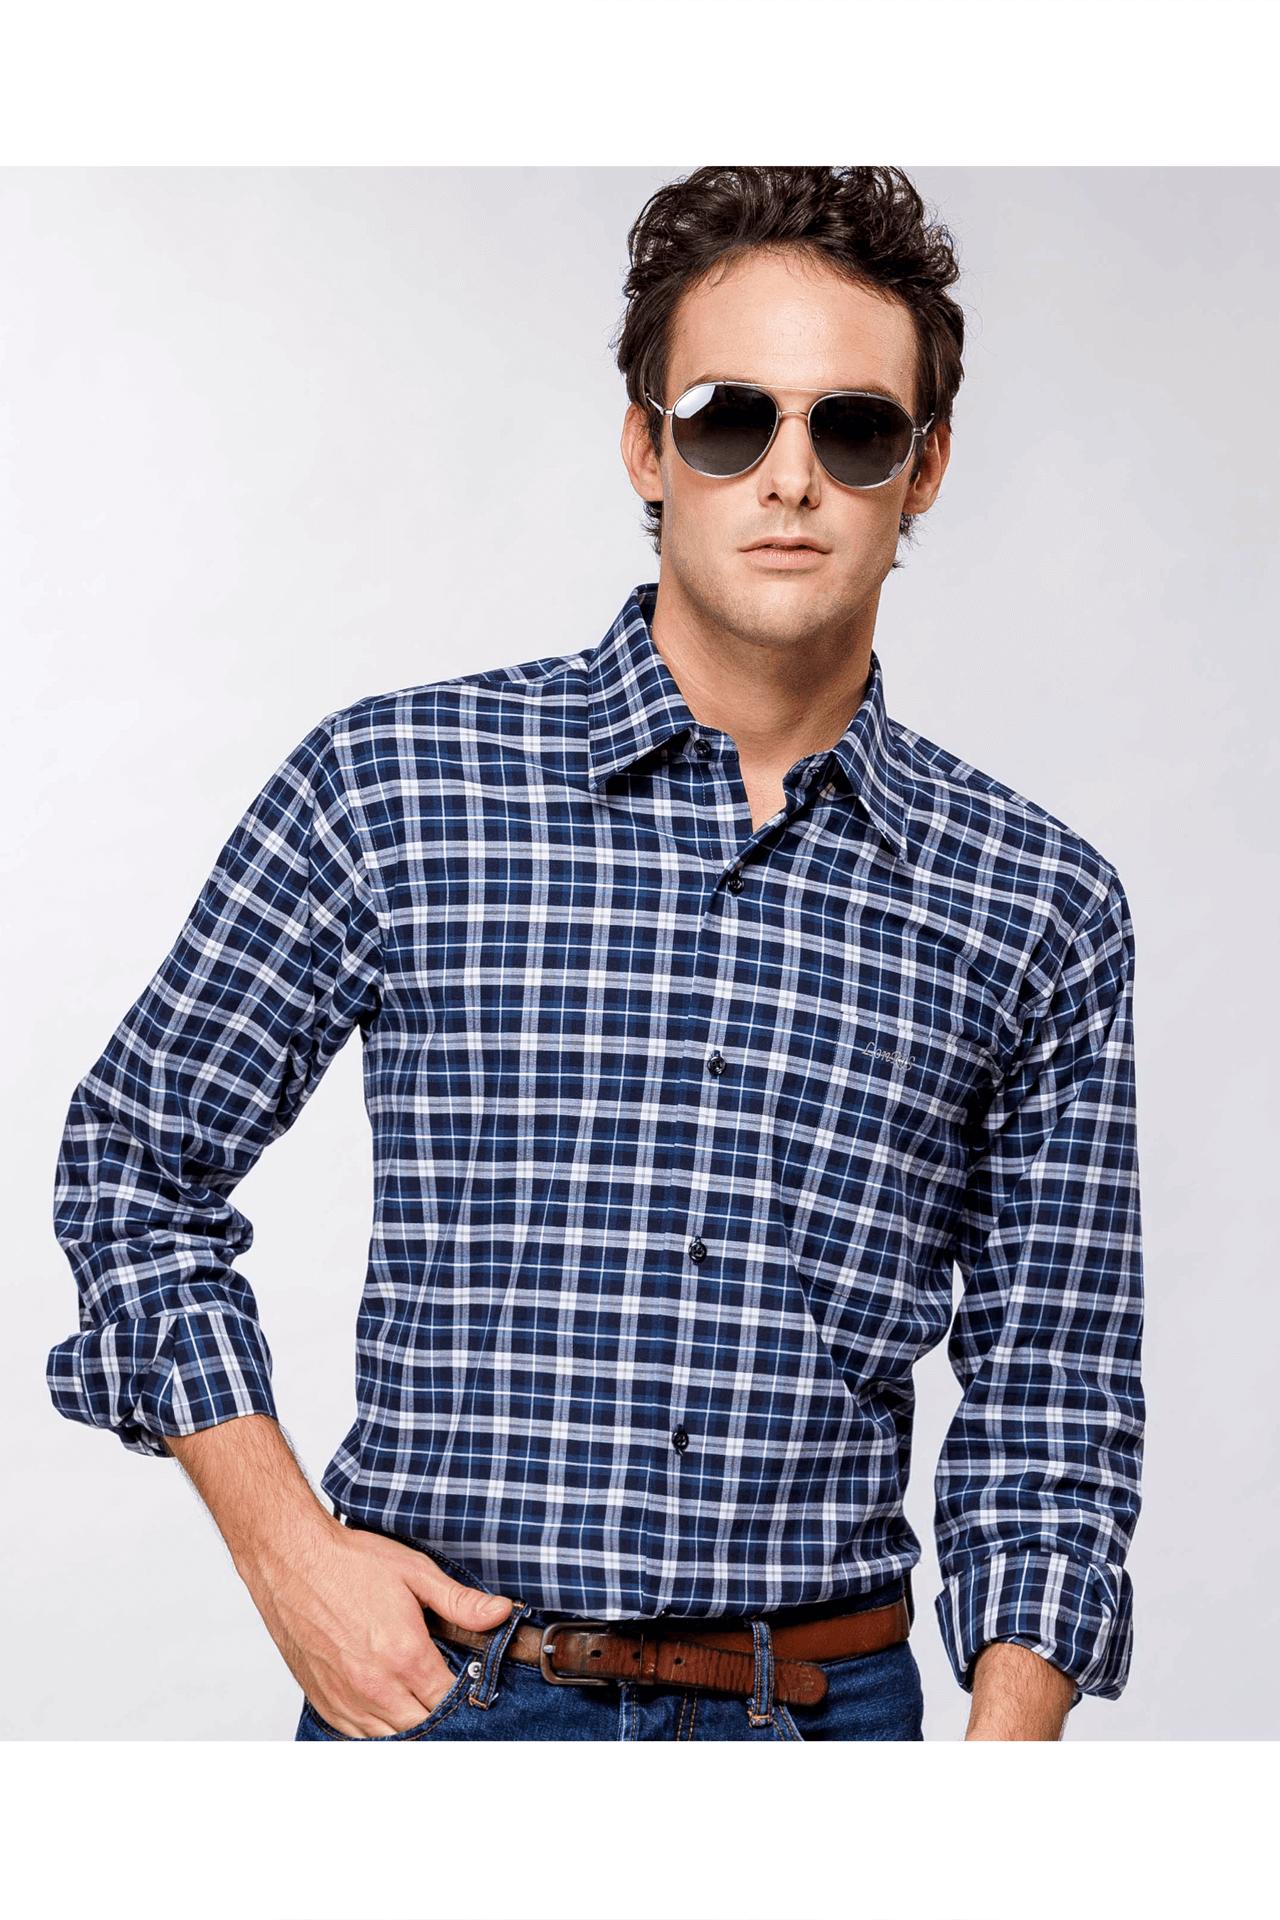 雙色格紋純棉磨毛長袖襯衫(藍白 )/舒適透氣<br />